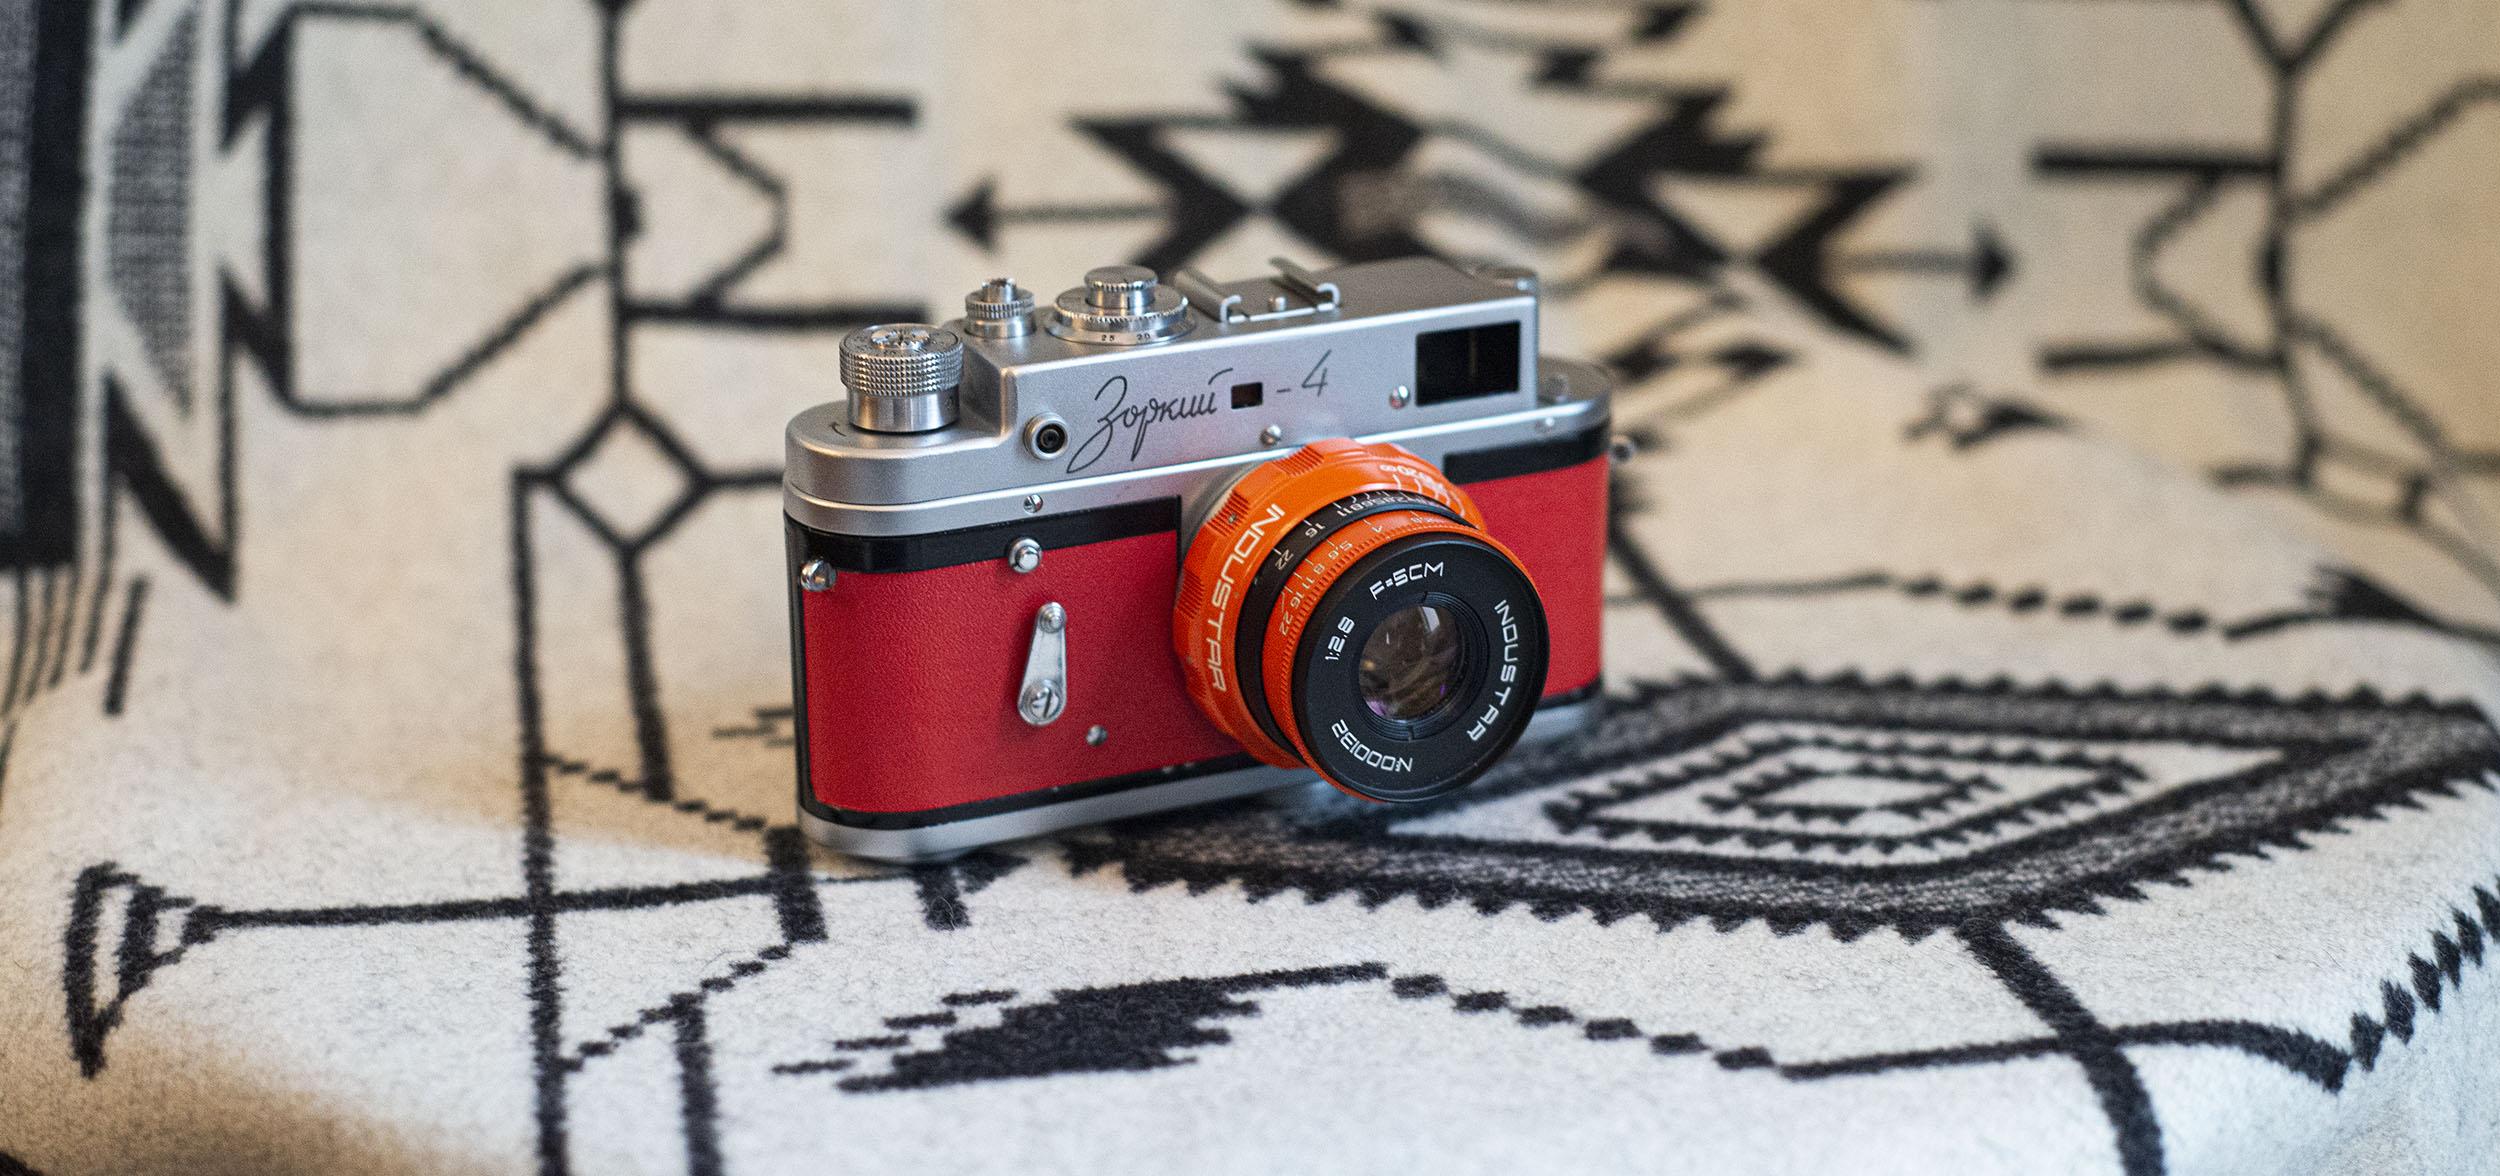 Zorki 4 Rangefinder with Orange Industar lens